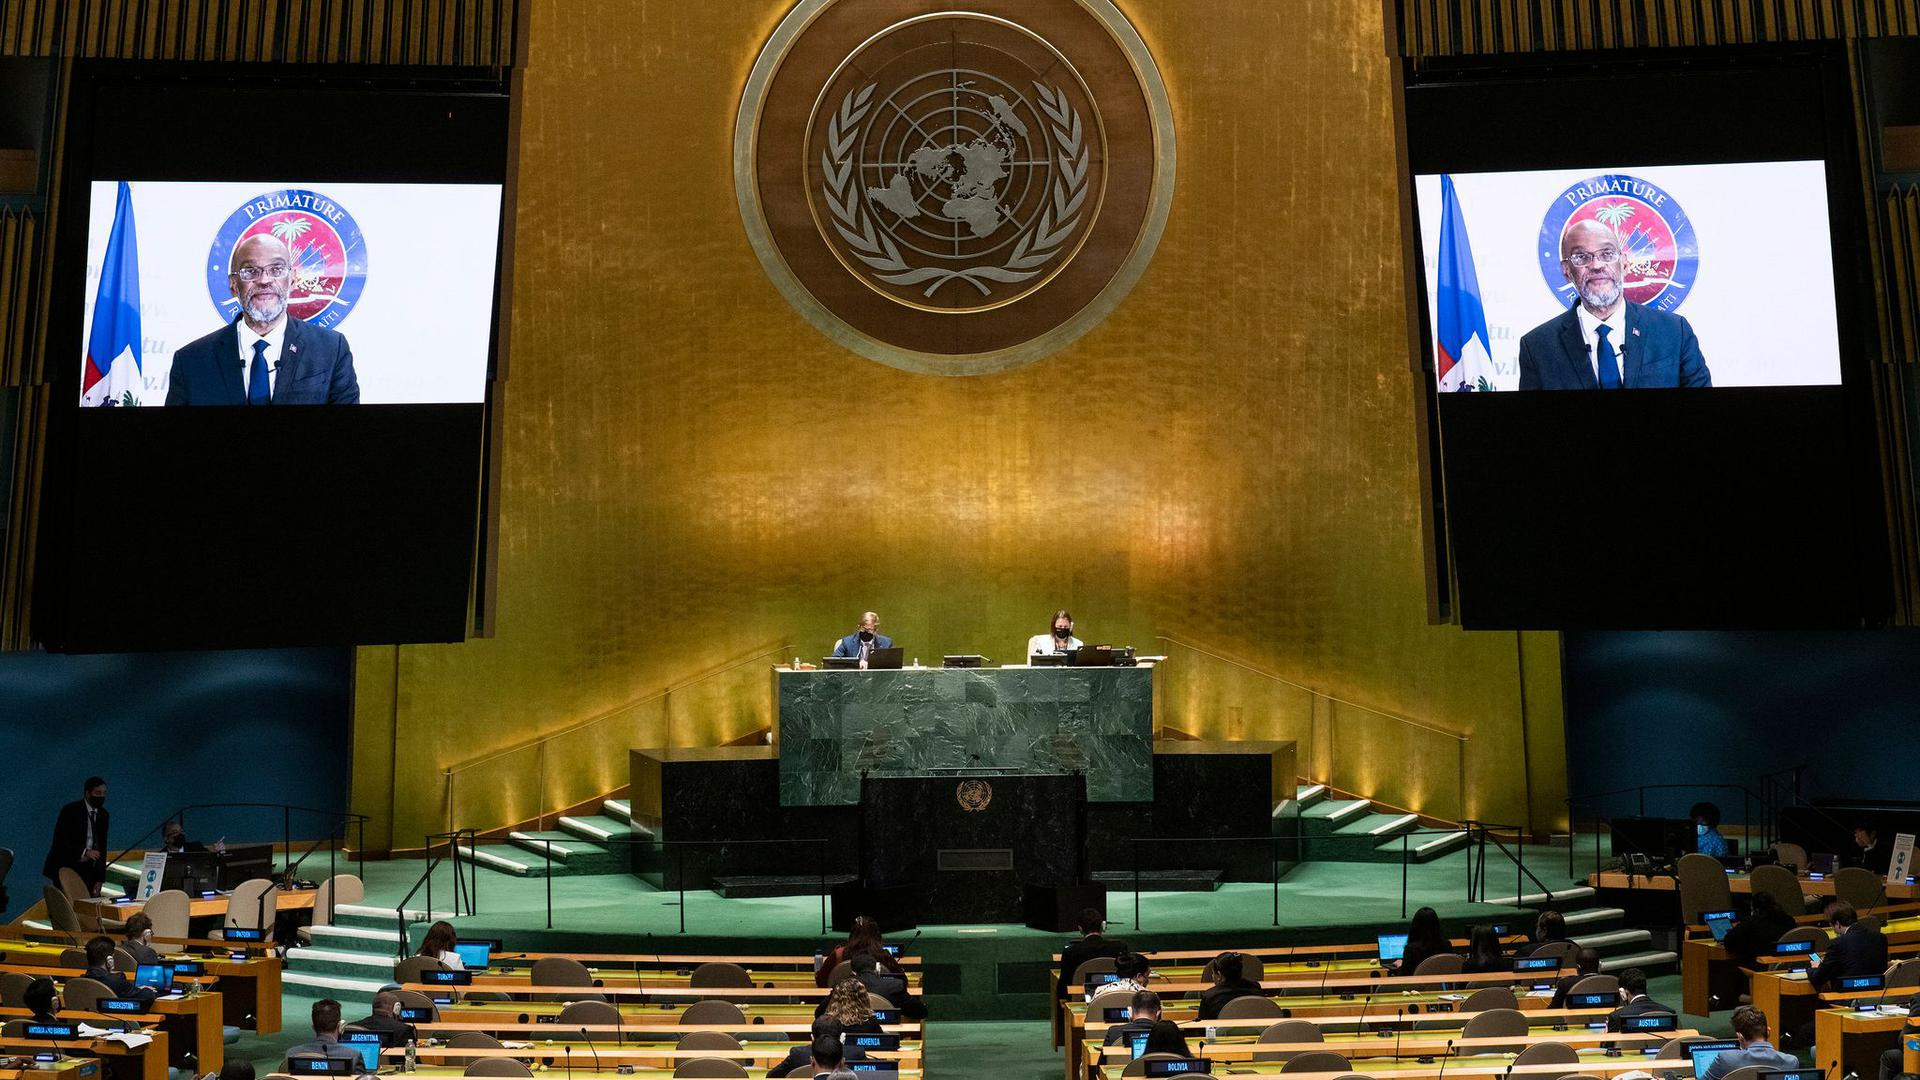 Sitzung in der UN-Generalversammlung am Hauptsitz der Vereinten Nationen. (Archivbild)